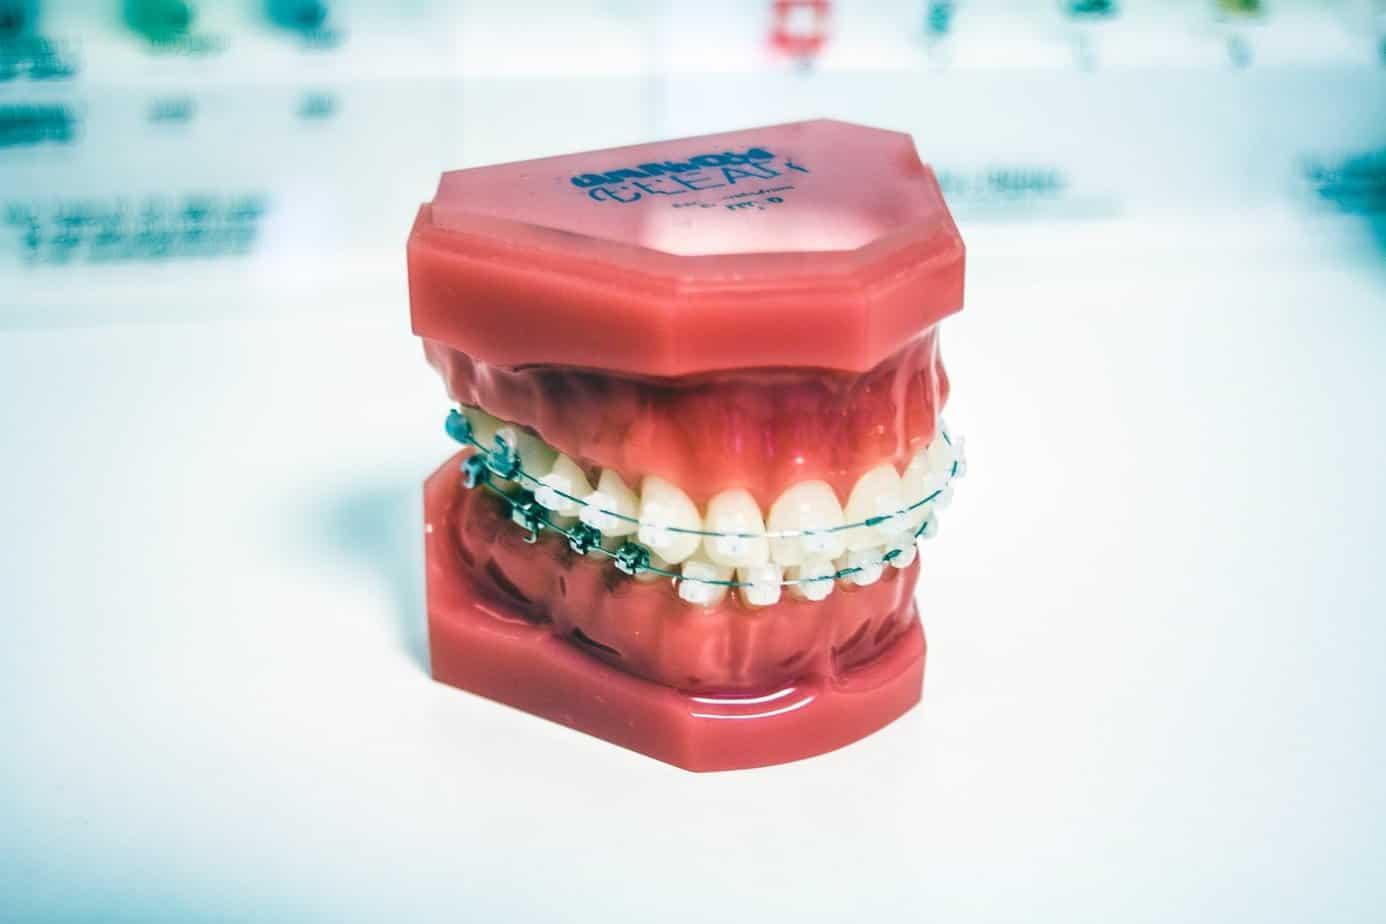 Who needs braces